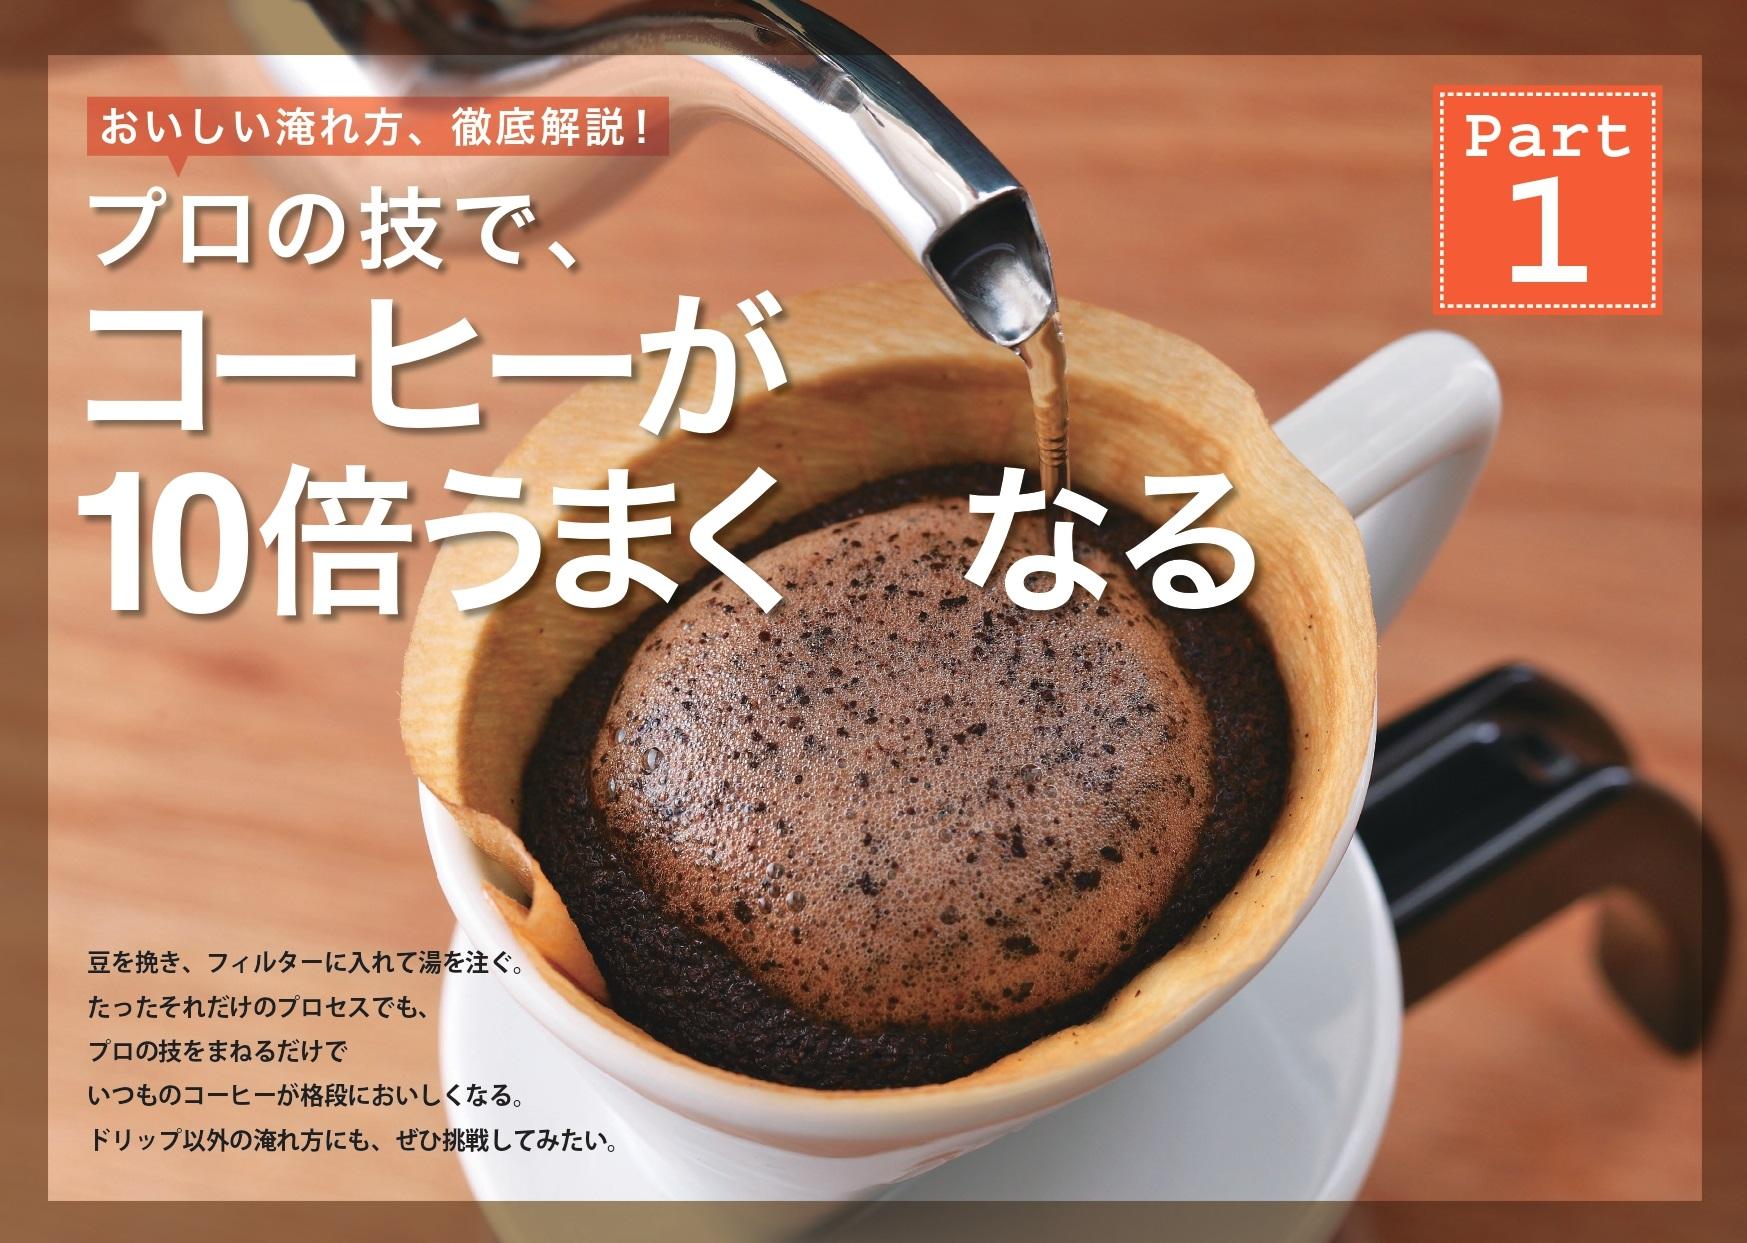 「豊富な写真とプロの解説で、コーヒーの基本をわかりやすく紹介」紙面